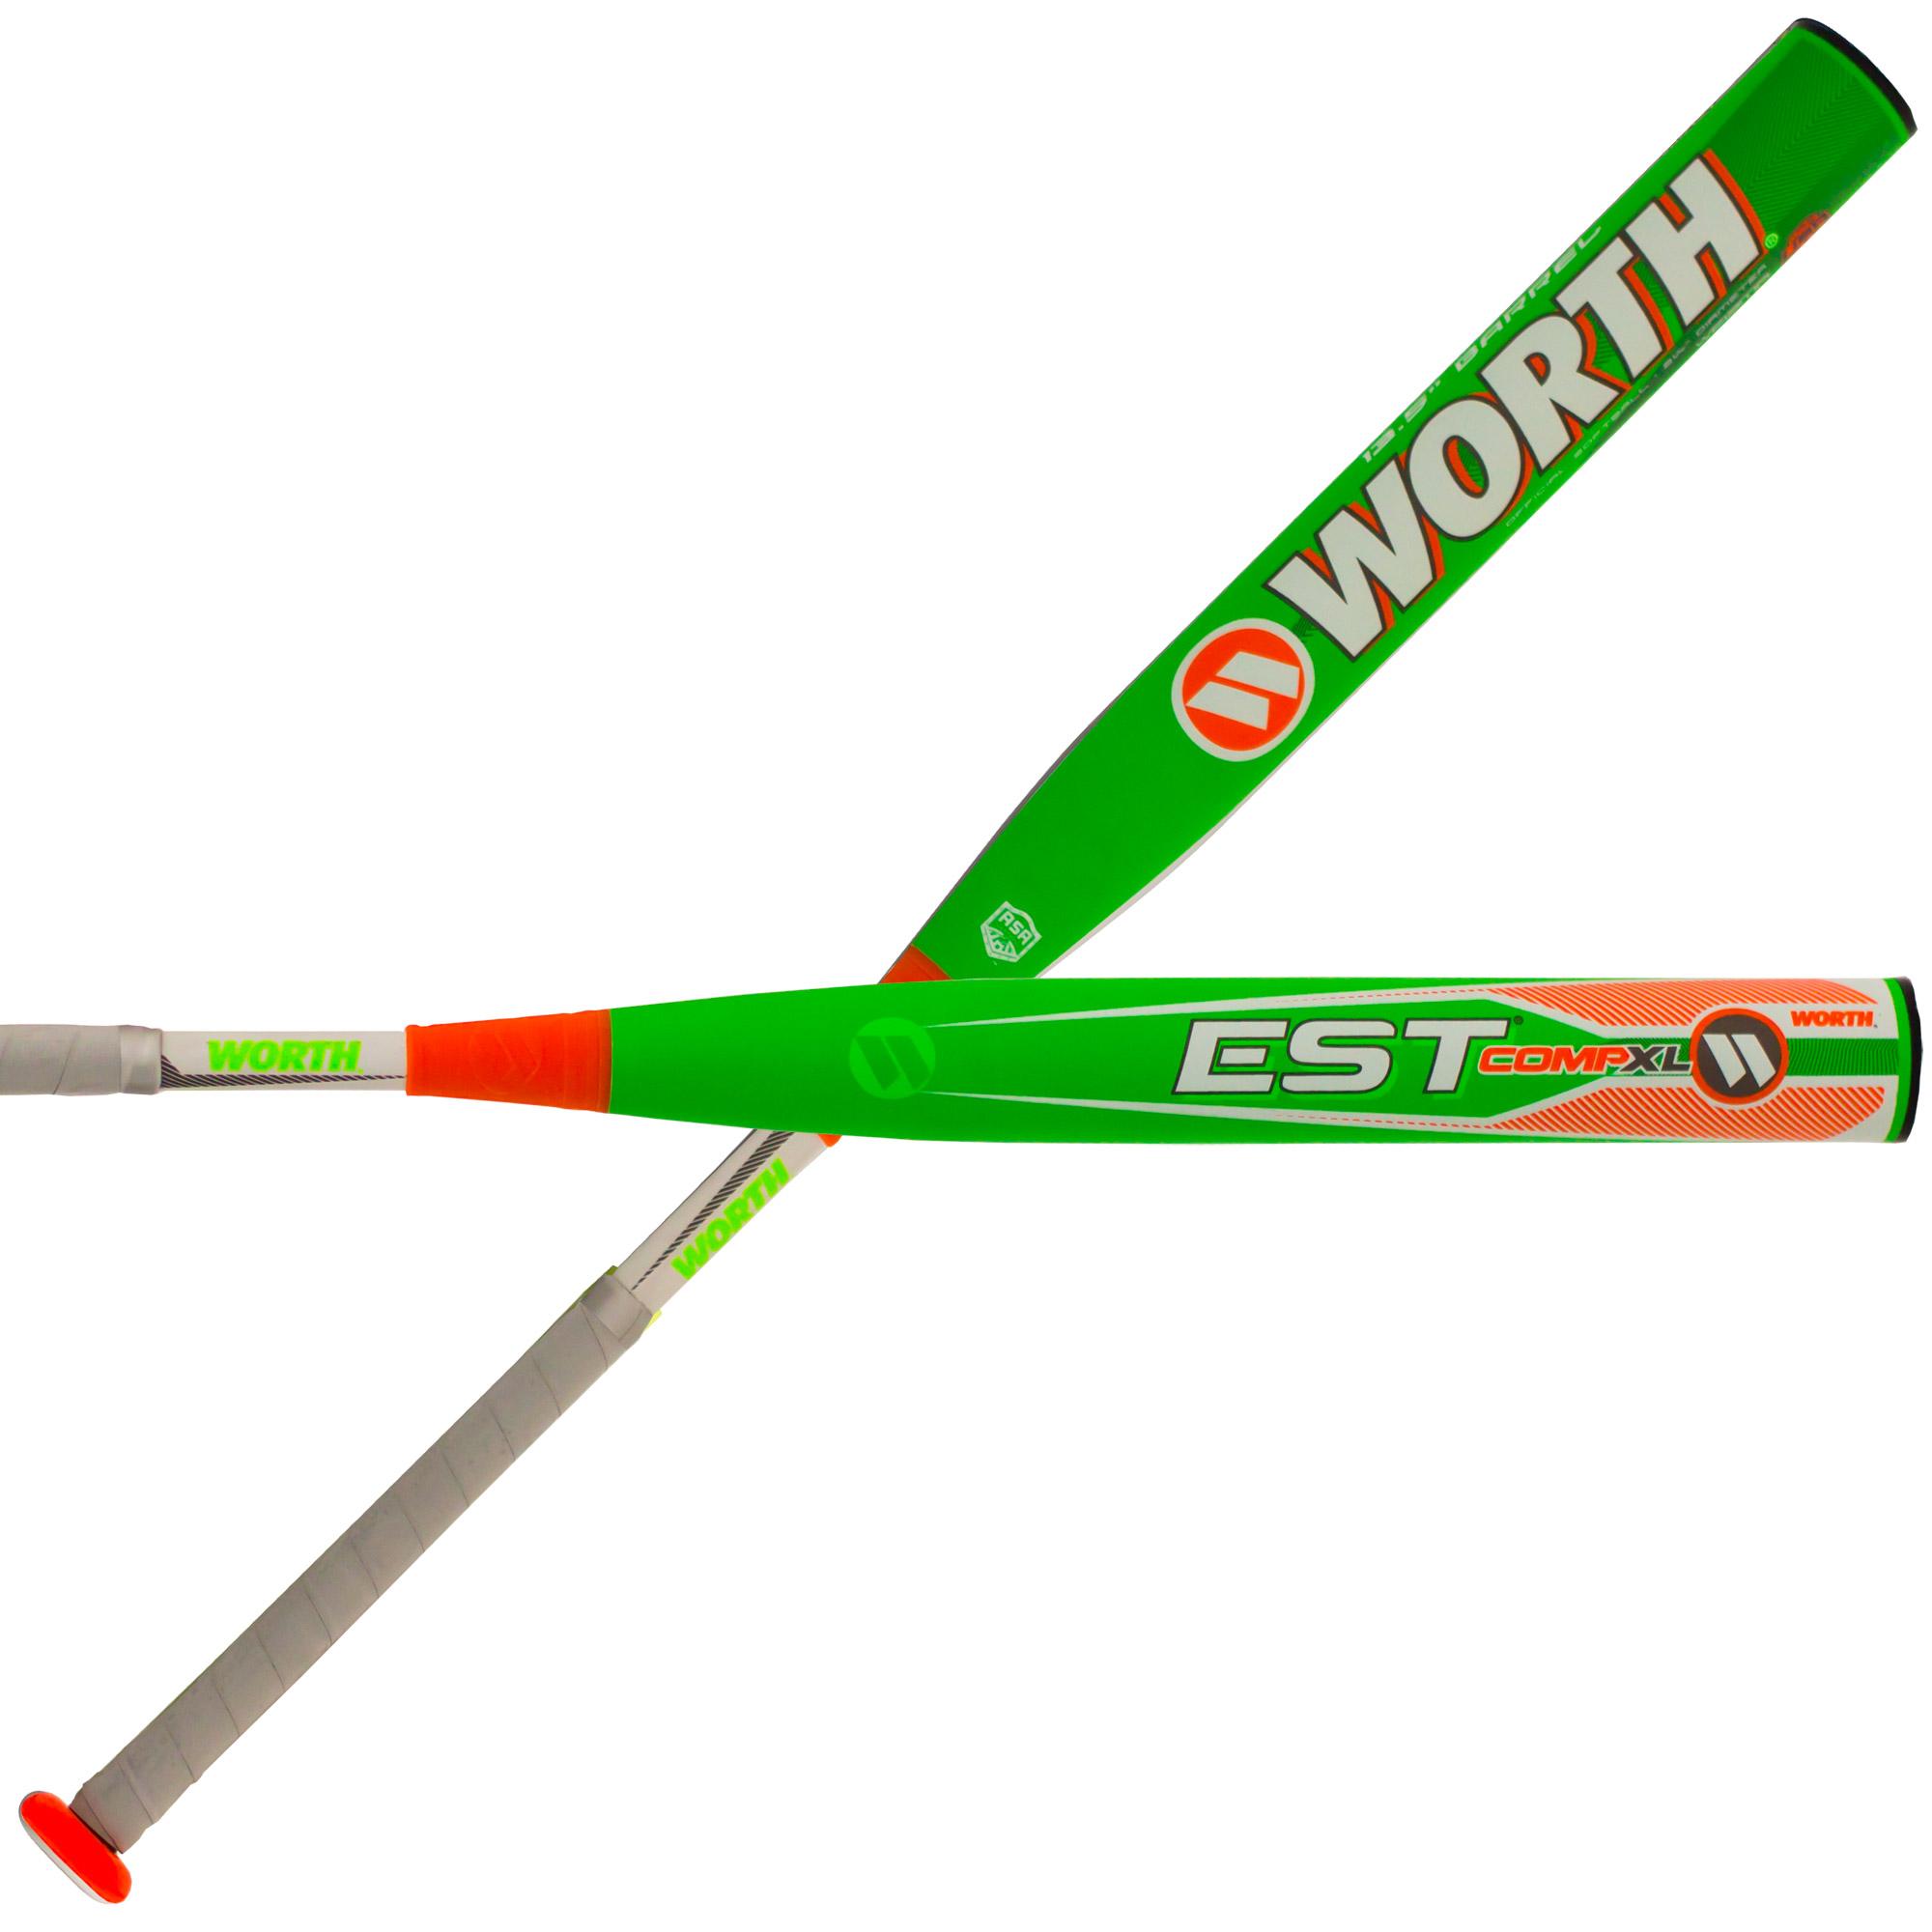 Worth EST COMP XL ASA WE19MA Slowpitch Softball Bat